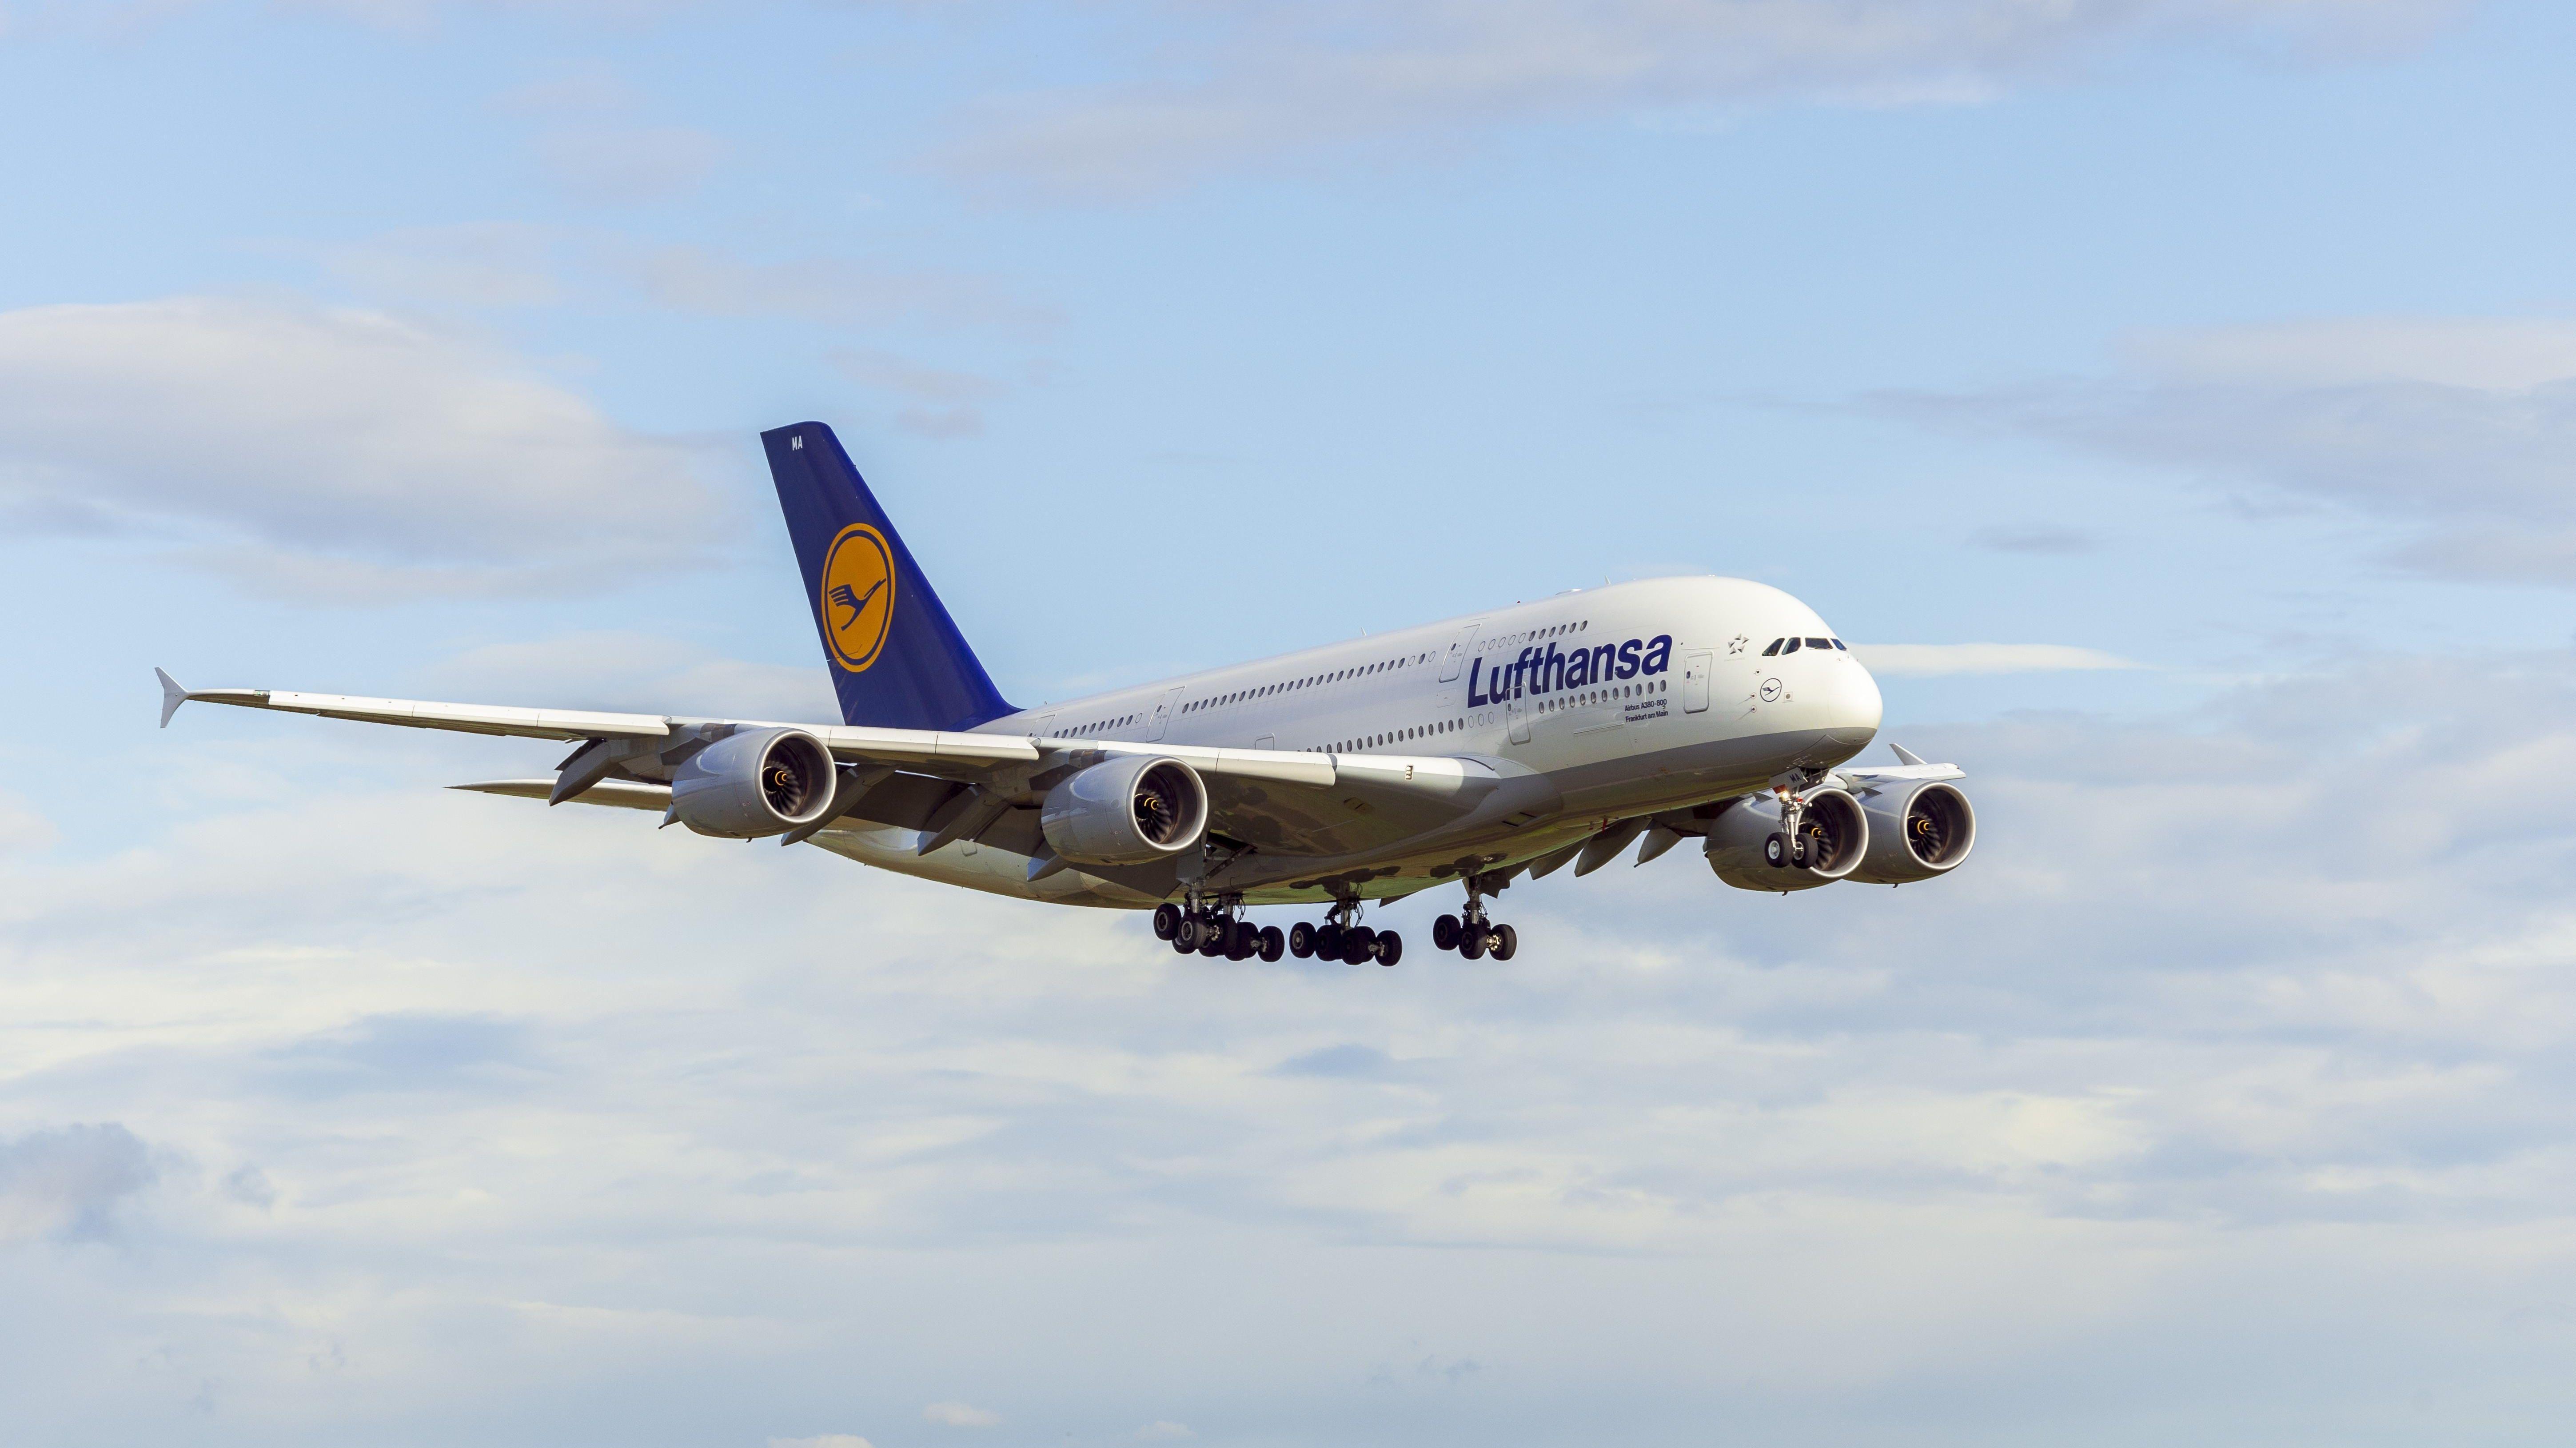 Ein Flugzeug der Lufthansa im Landeanflug auf den Flughafen Stuttgart.